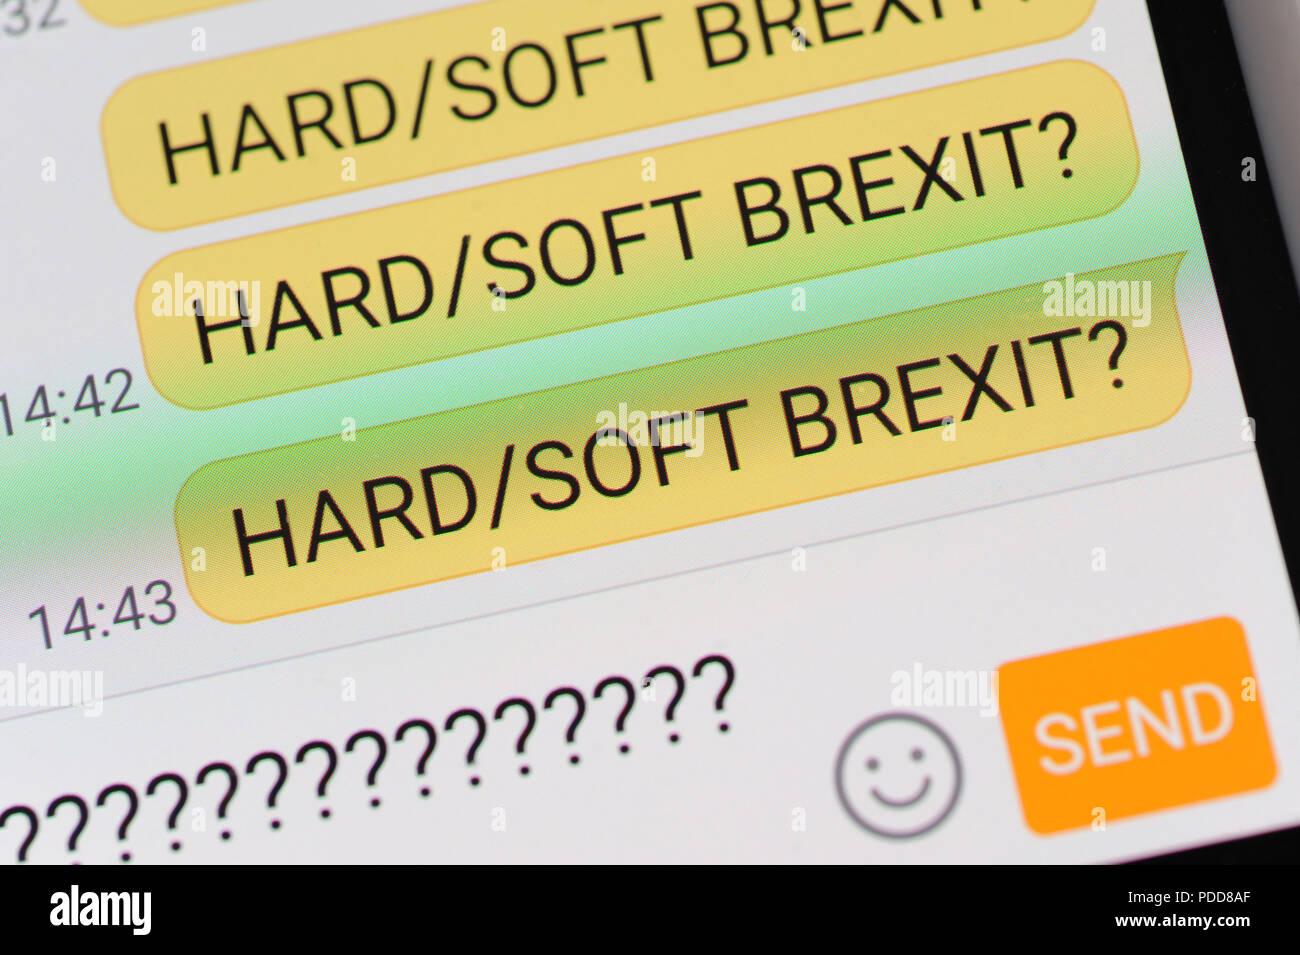 Mensaje de texto BREXIT duras, suaves en el smartphone vuelva BREXIT TRATAR EL COMERCIO ECONOMÍA BRITÁNICA NO DEAL negociaciones Imagen De Stock